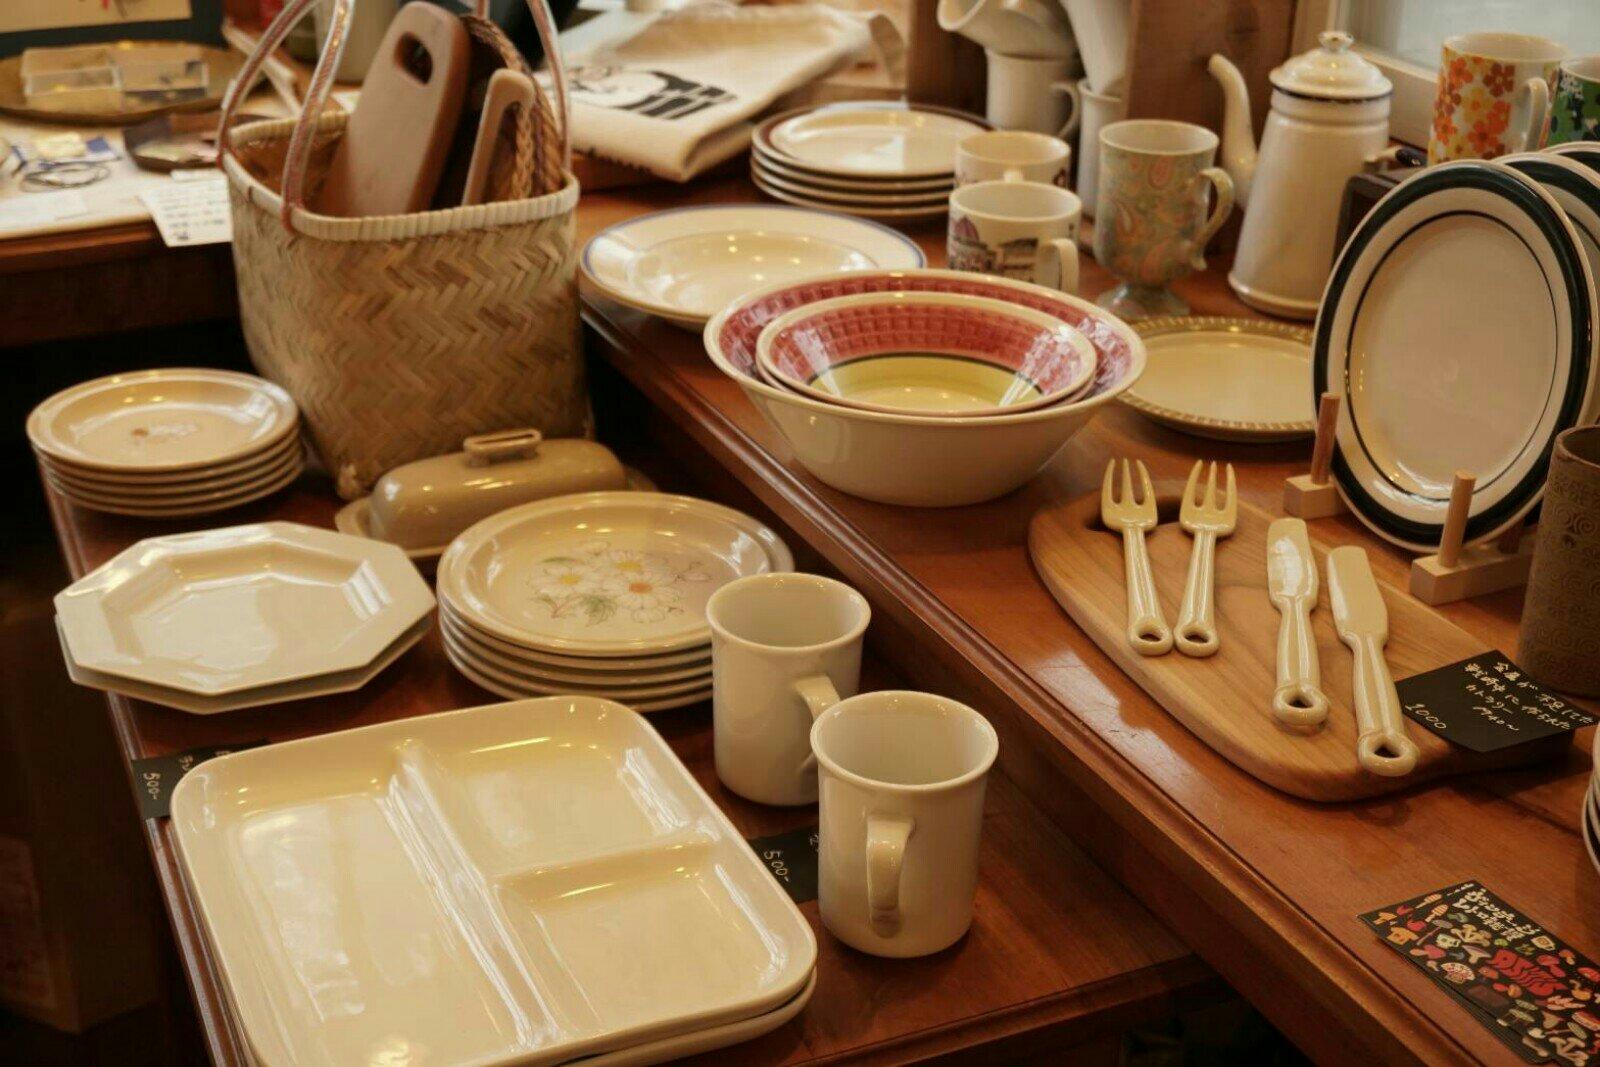 キュルティヴァトゥール店内のアンティーク雑貨と食器